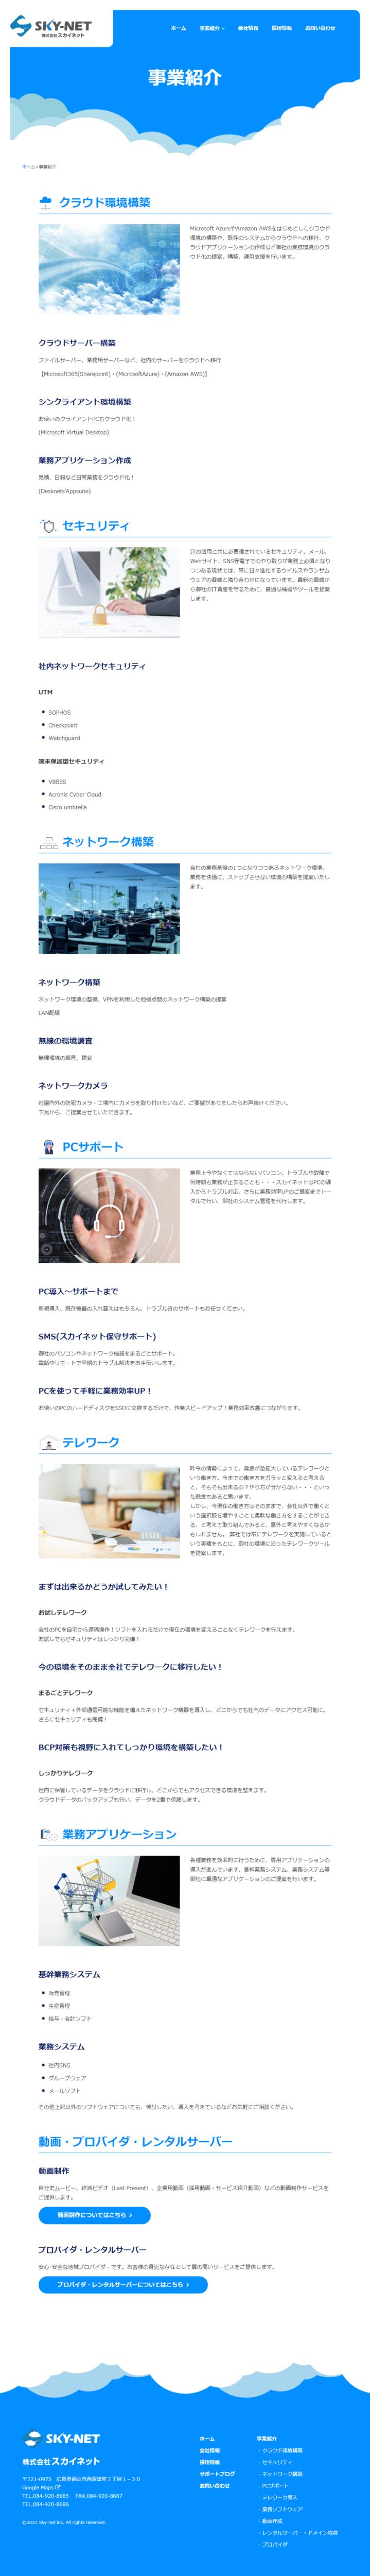 スカイネット事業紹介ページ